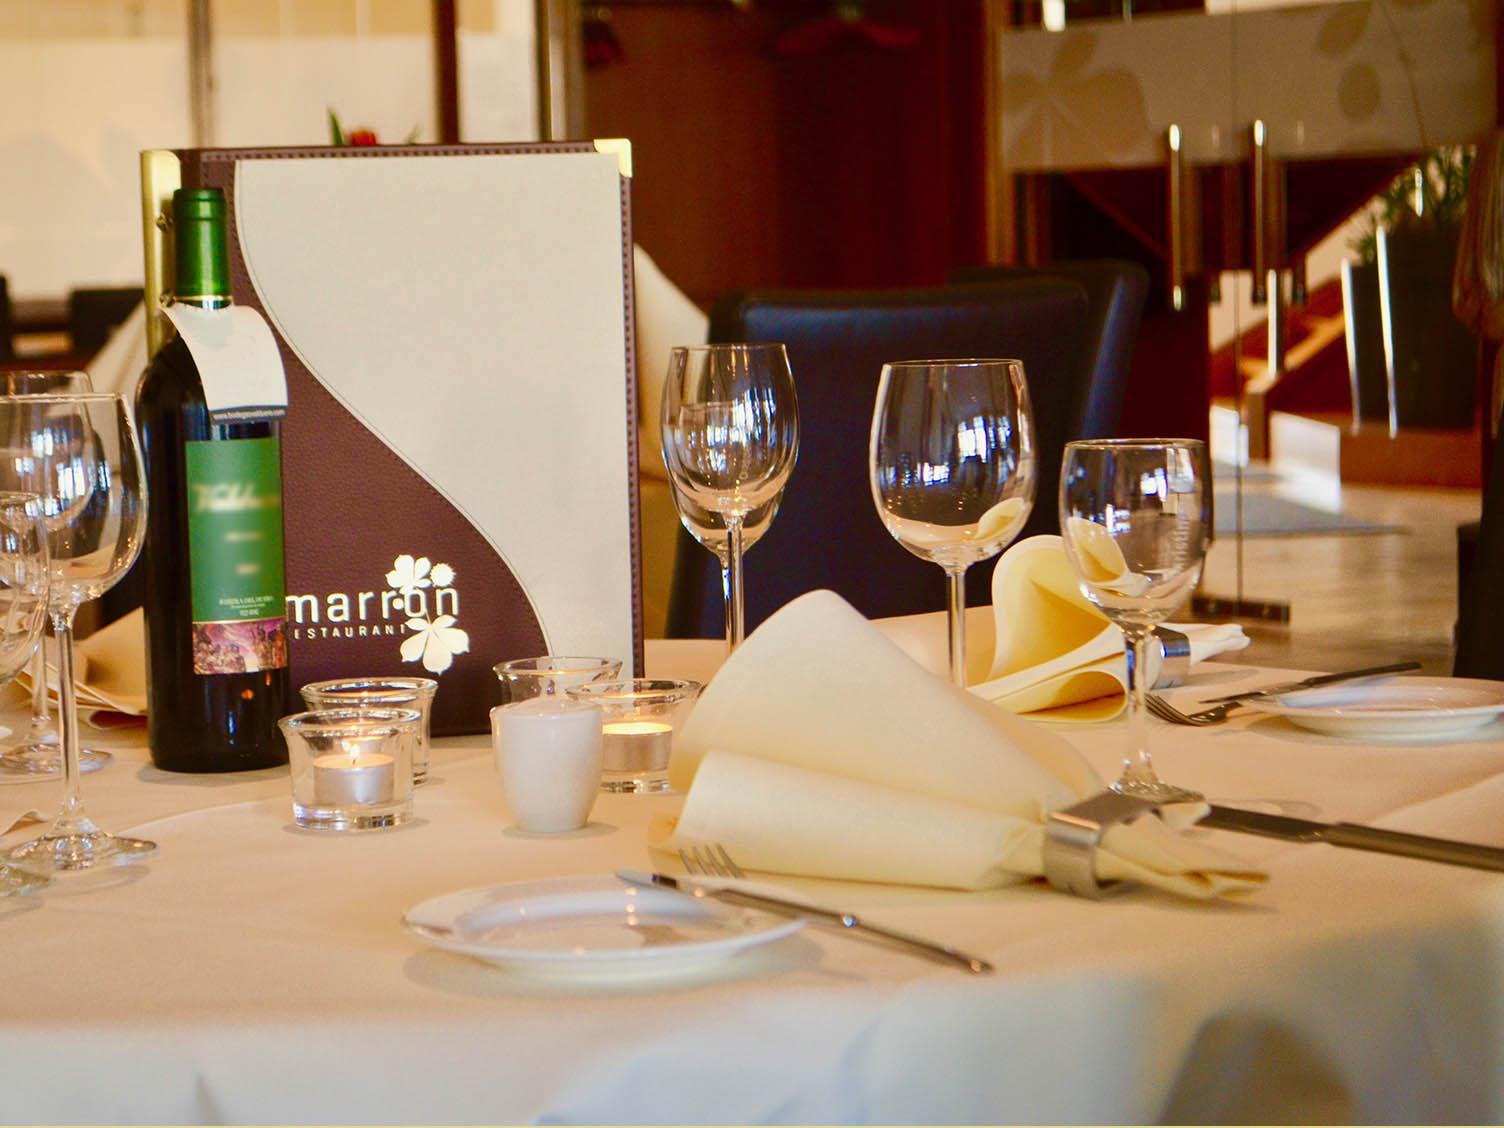 Restaurant Tischdekoration Beispiel Ambiente Lemarron Restaurant